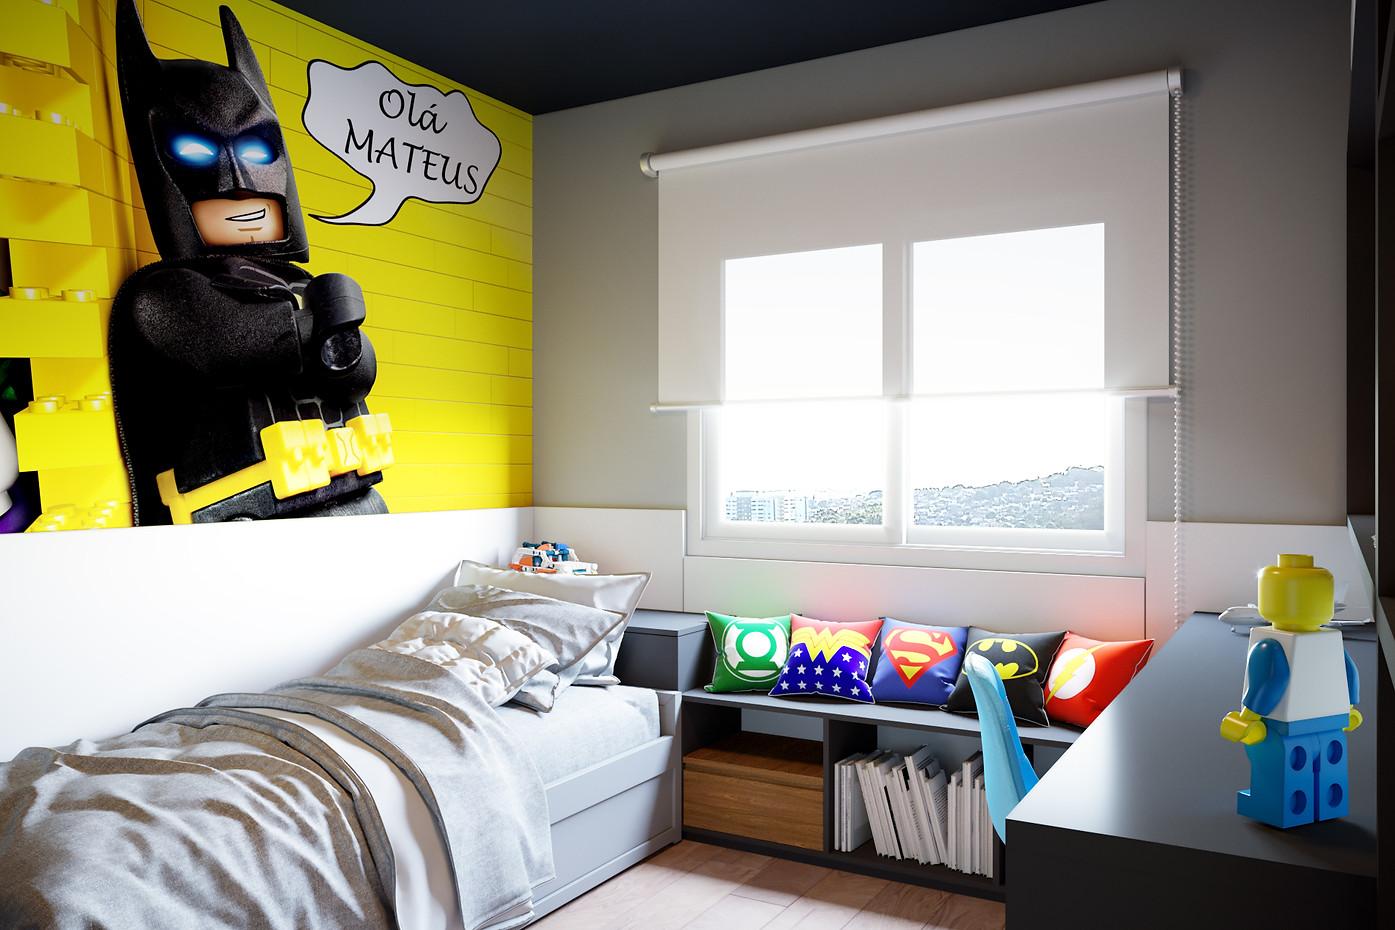 Dormitório_Mateus__View01.jpg